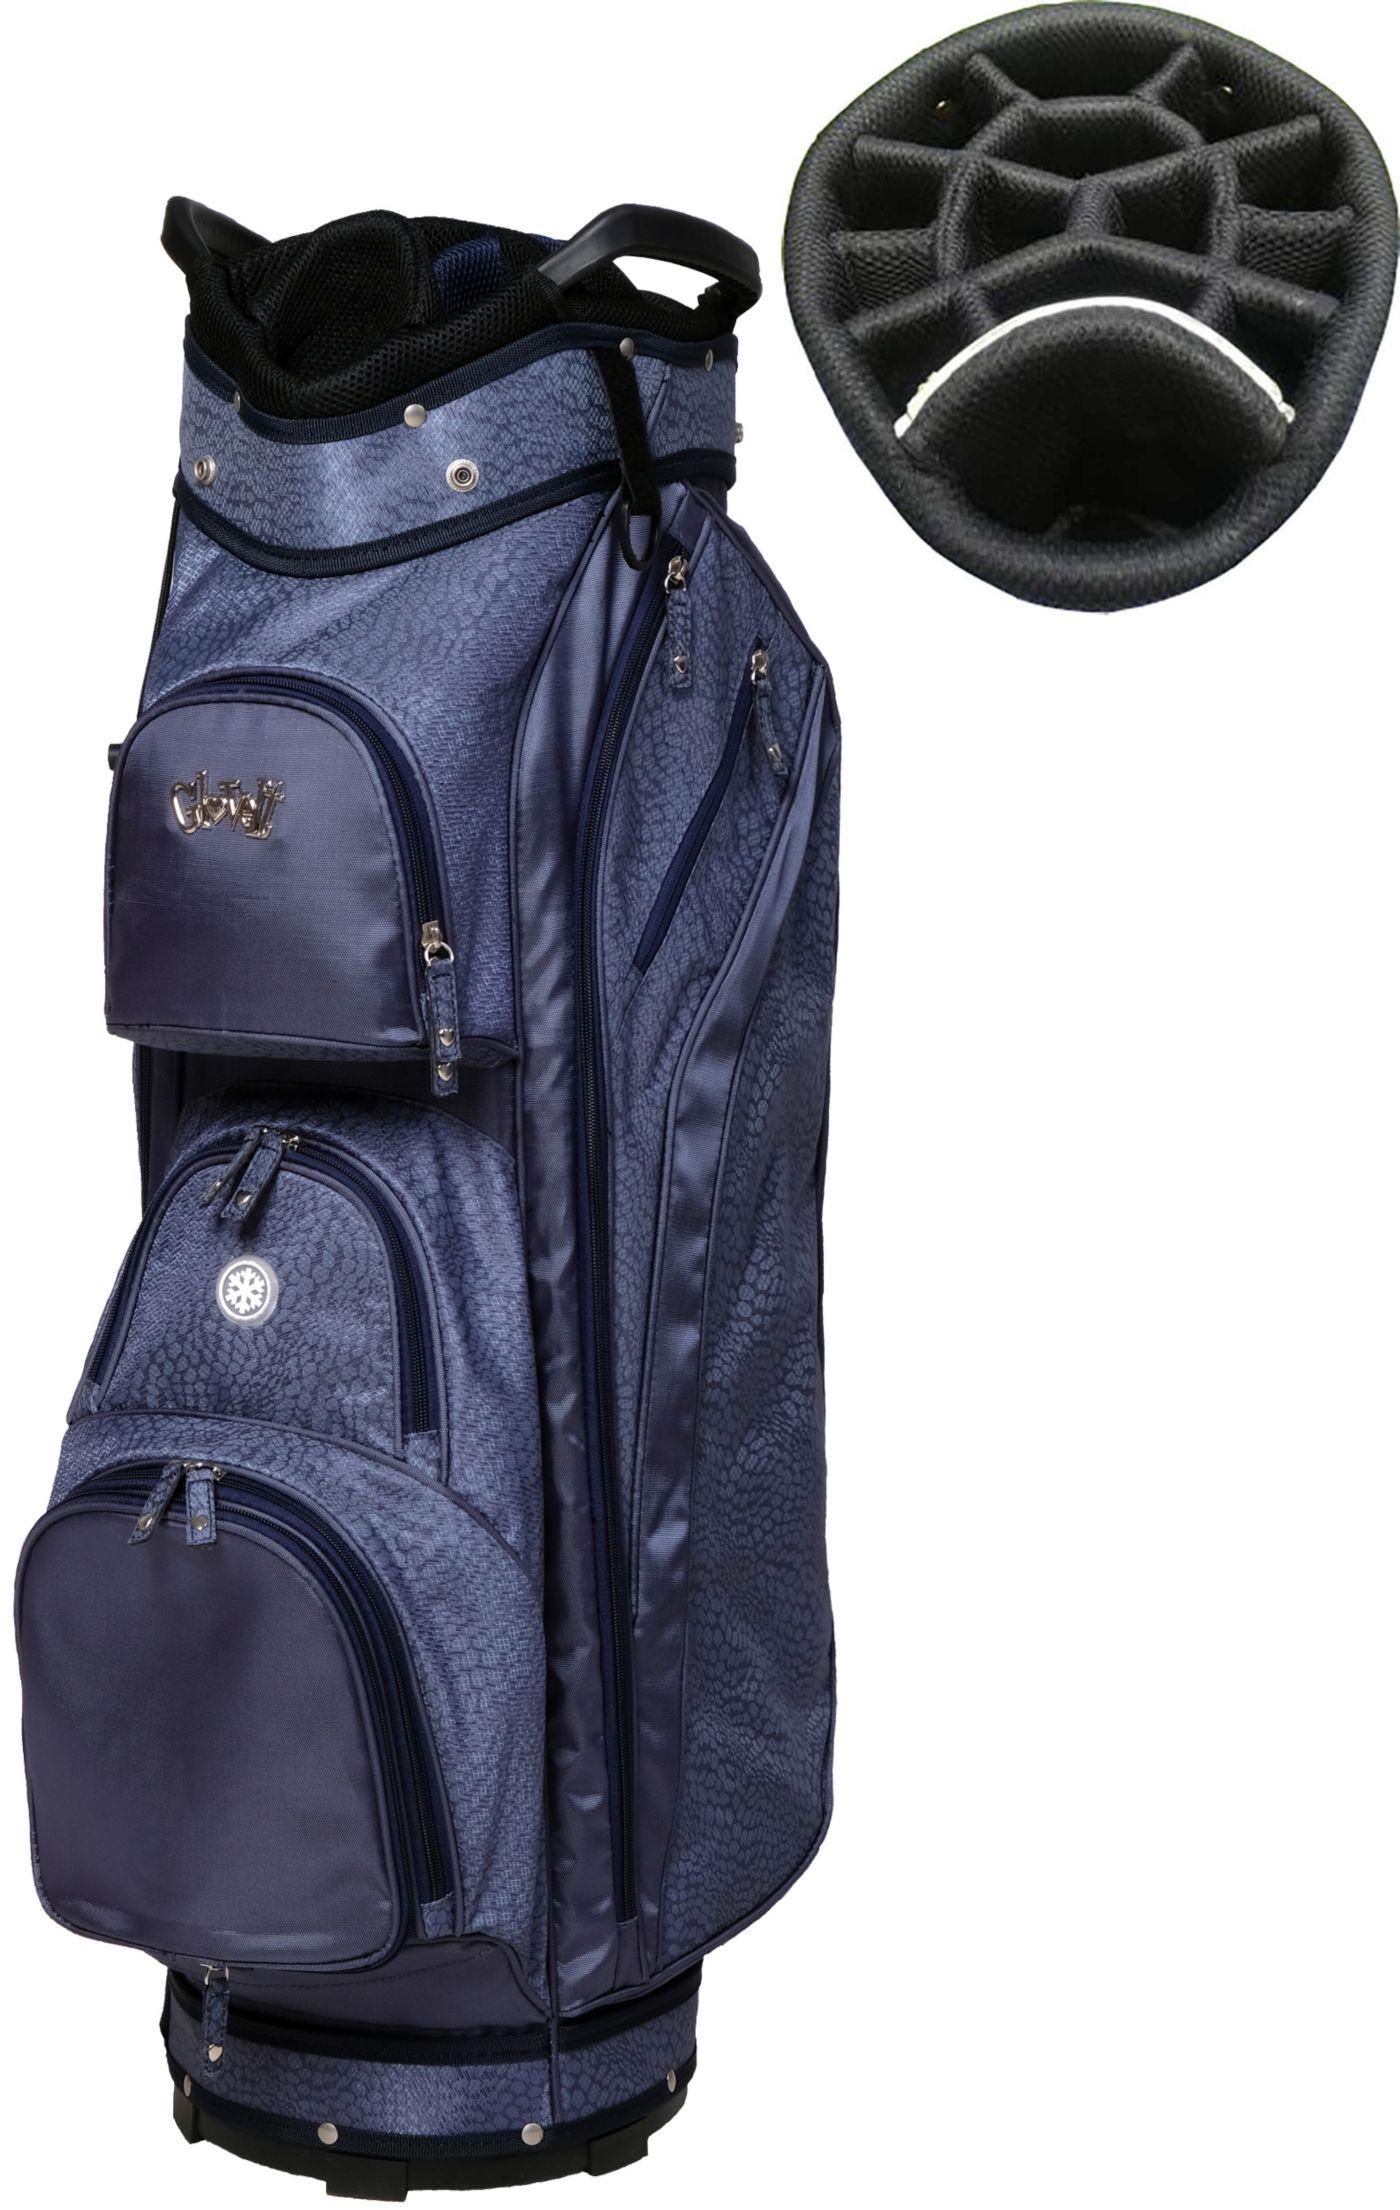 Glove It Women's Golf Bag